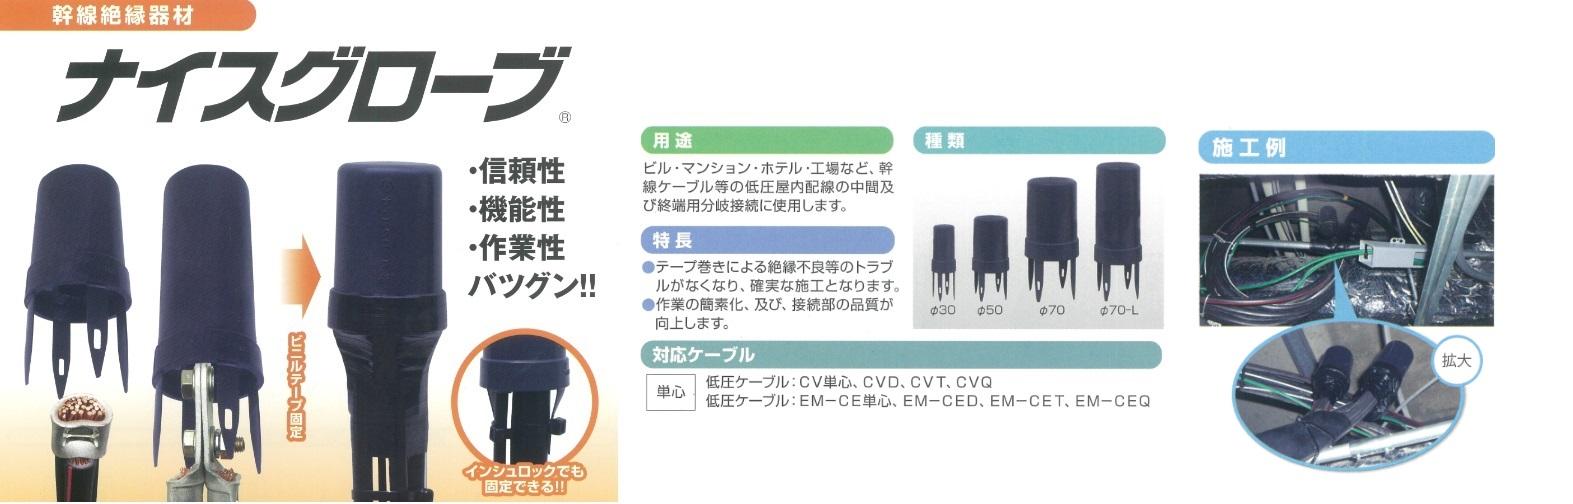 http://www.obu-kawaguchi.co.jp/product/glove/